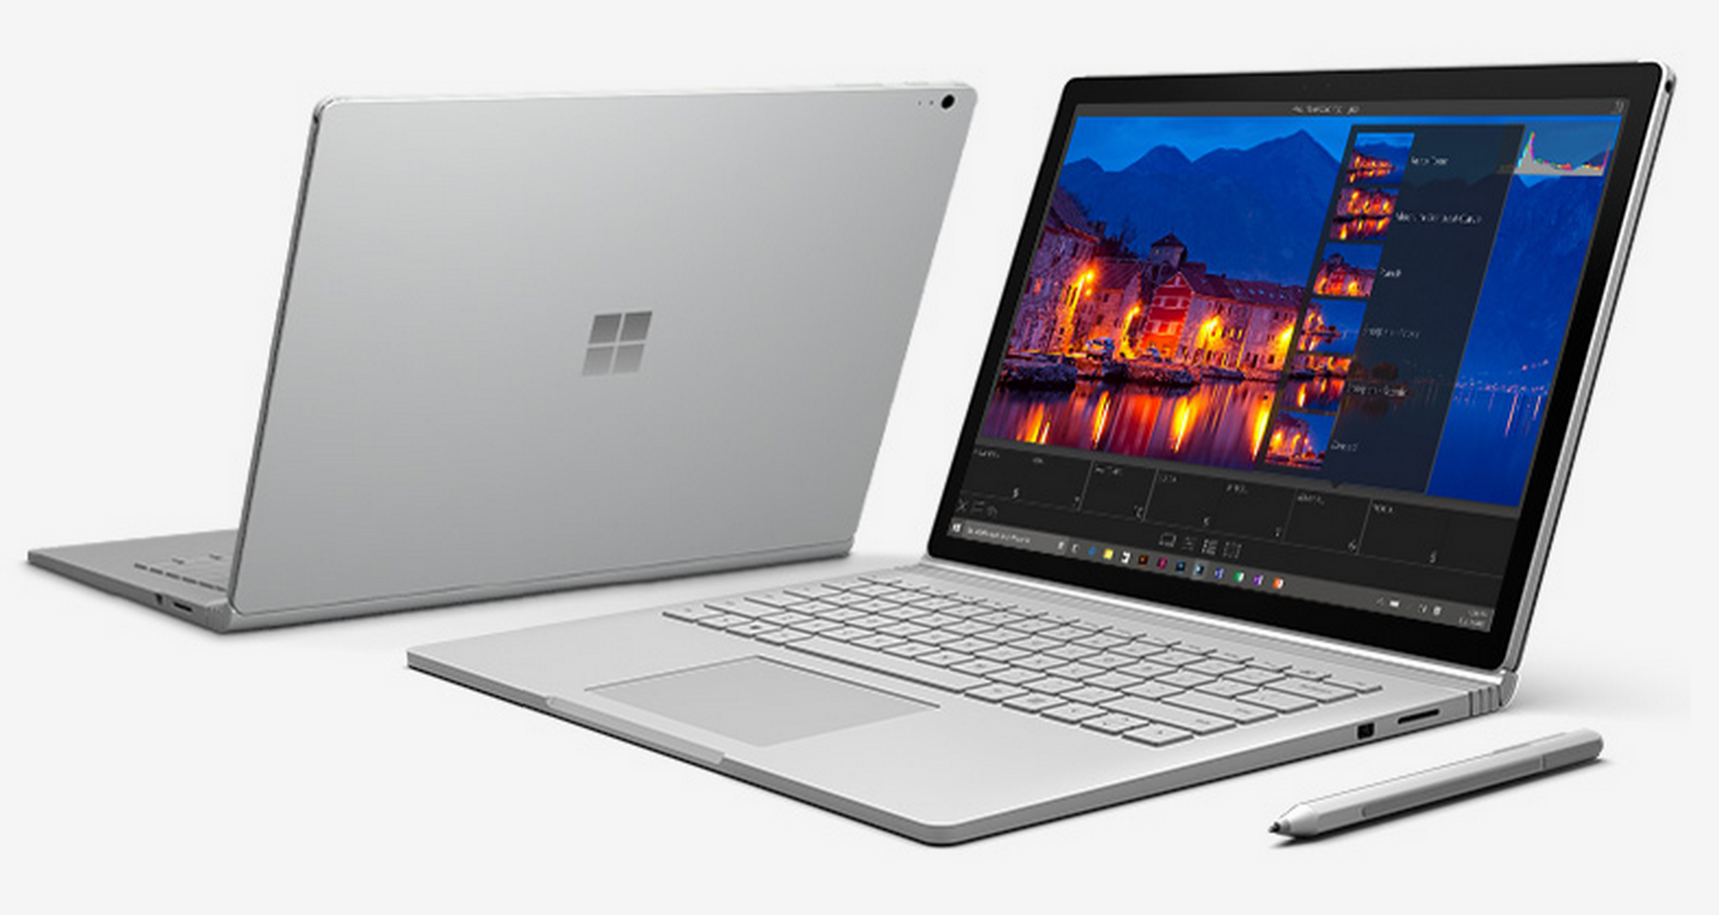 Surface Book e Surface Pro 4 ricevono un aggiornamento dei driver per il riconoscimento Windows Hello